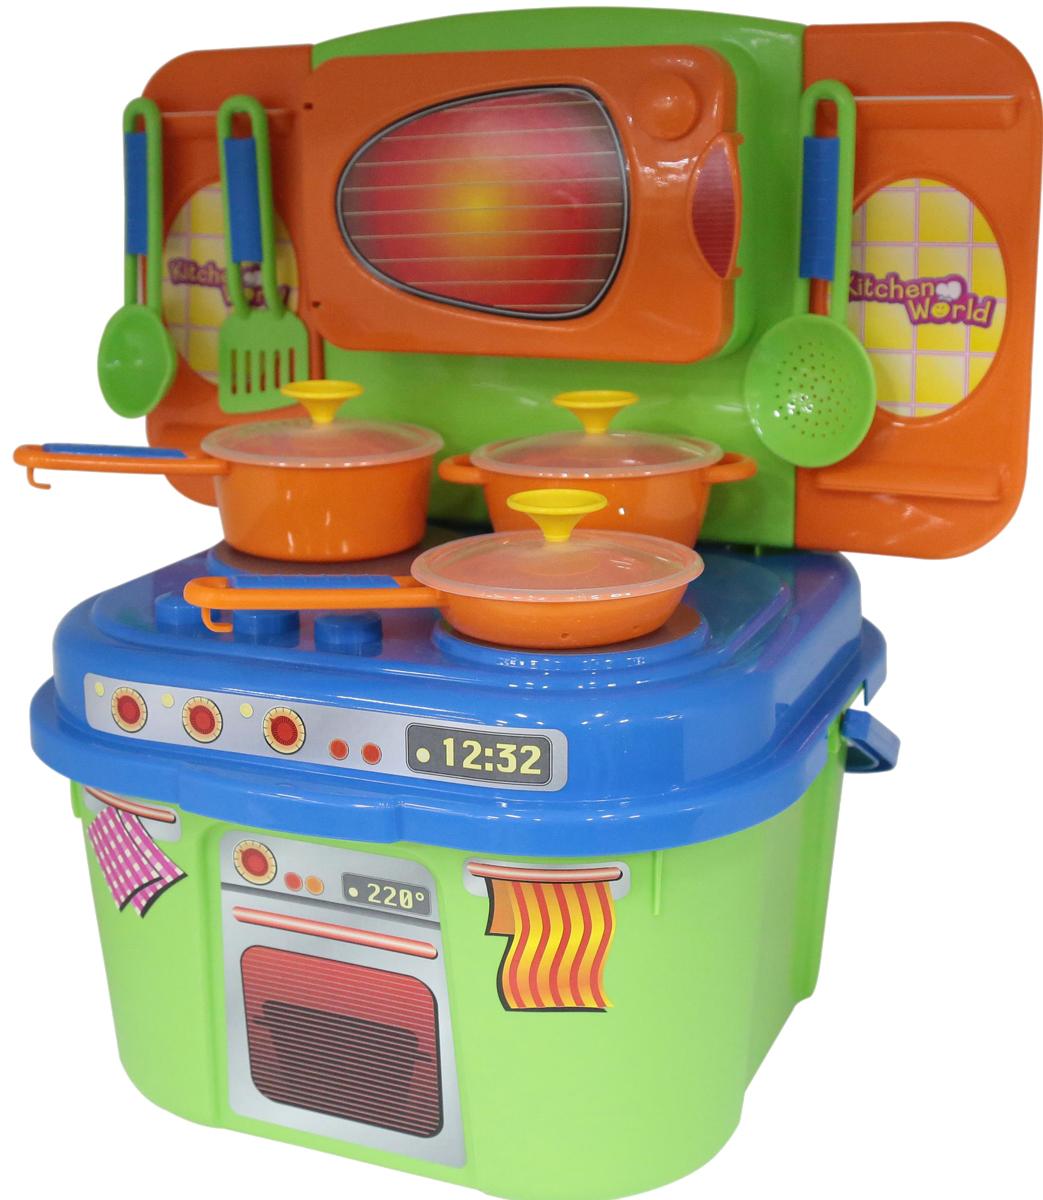 Полесье Игровой набор Мини-кухня, цвет в ассортименте полесье игровой набор чистюля мини 42910